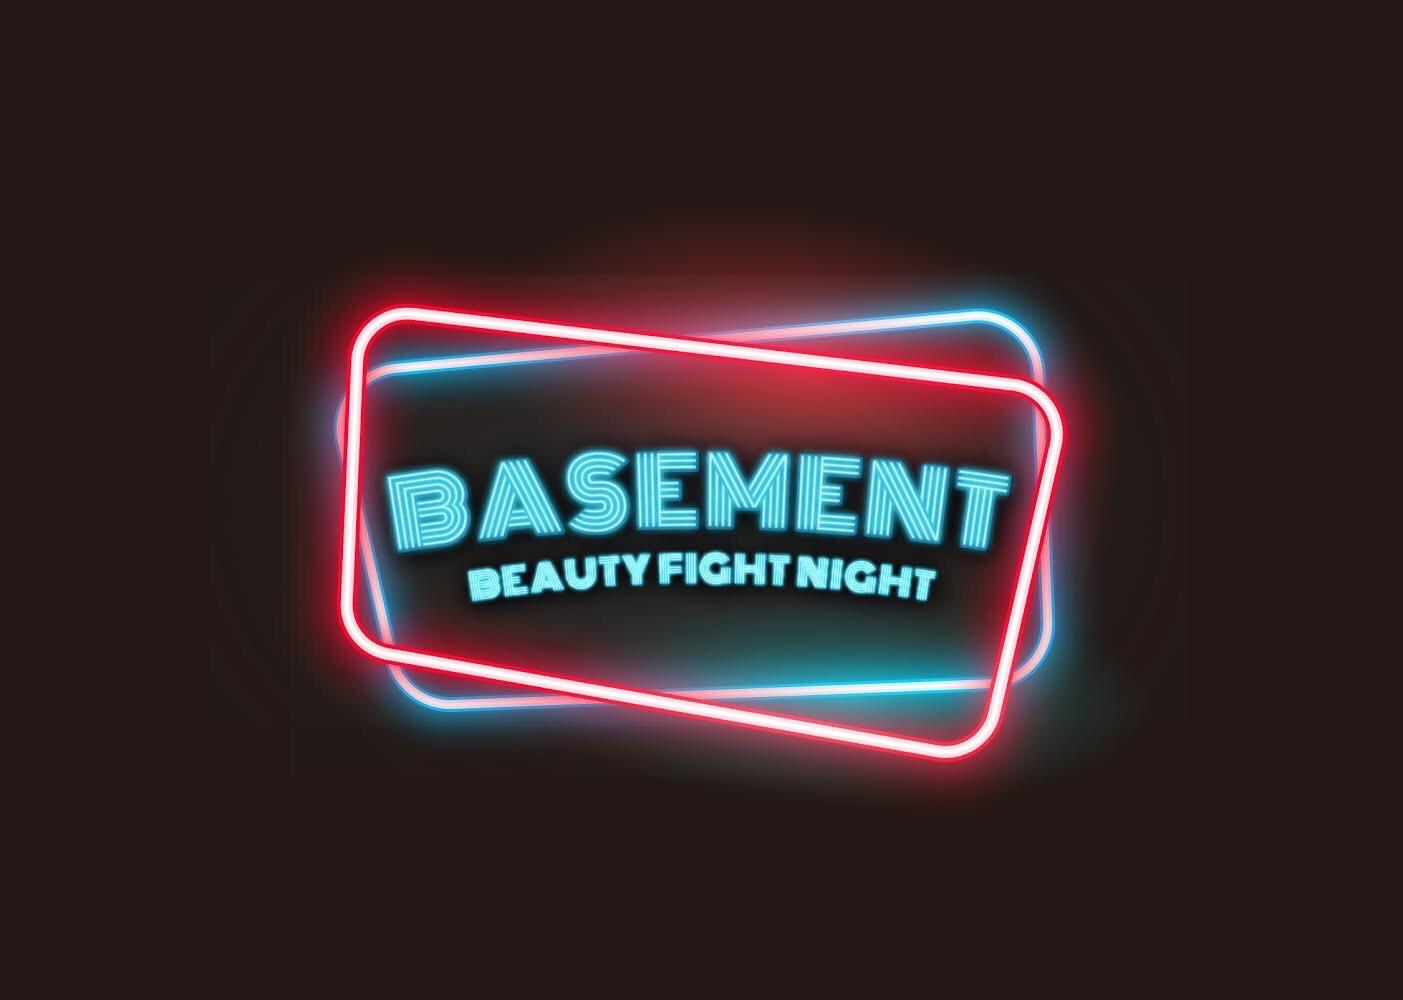 新しい日常から生まれるヘアバトル【BASEMENT -Beauty FIGHT NIGHT-】誕生。ソーシャルディスタンスに配慮した空間で若手美容師・美容学生の基礎技術がぶつかり合うバトルが開催。